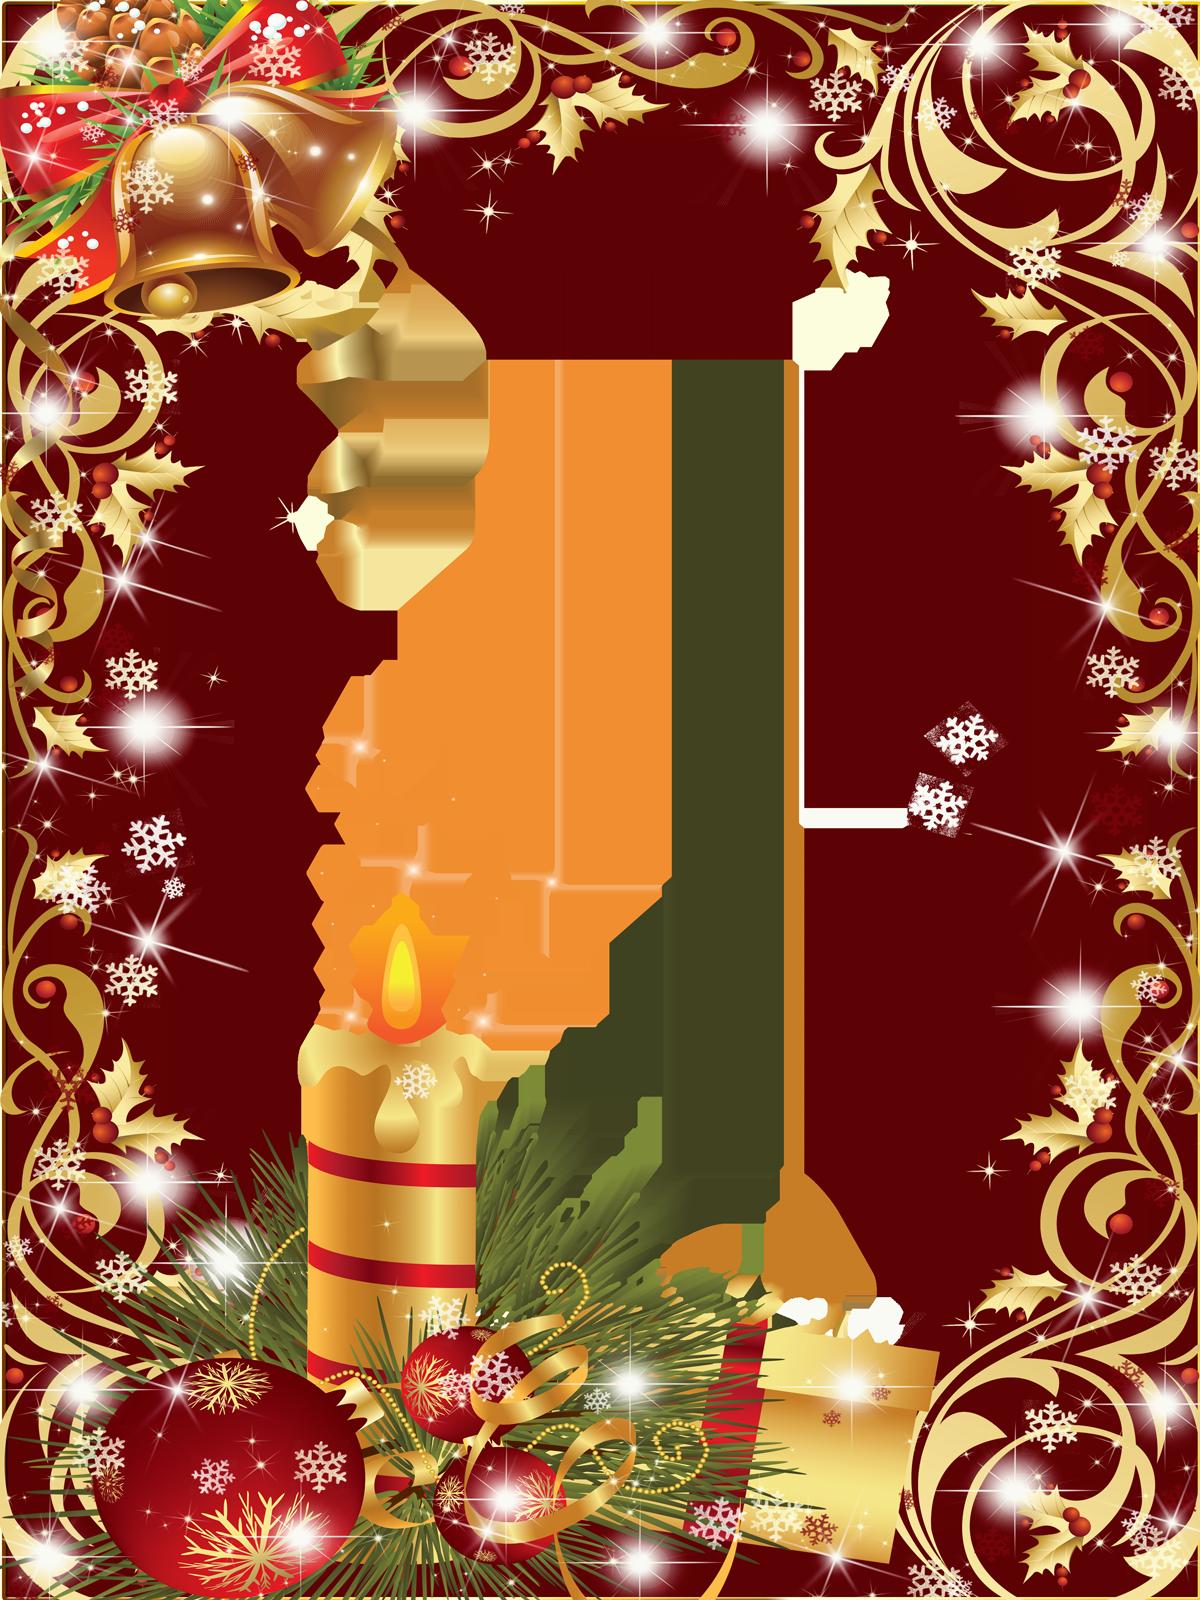 картинки для оформления открытки на новый год внимание